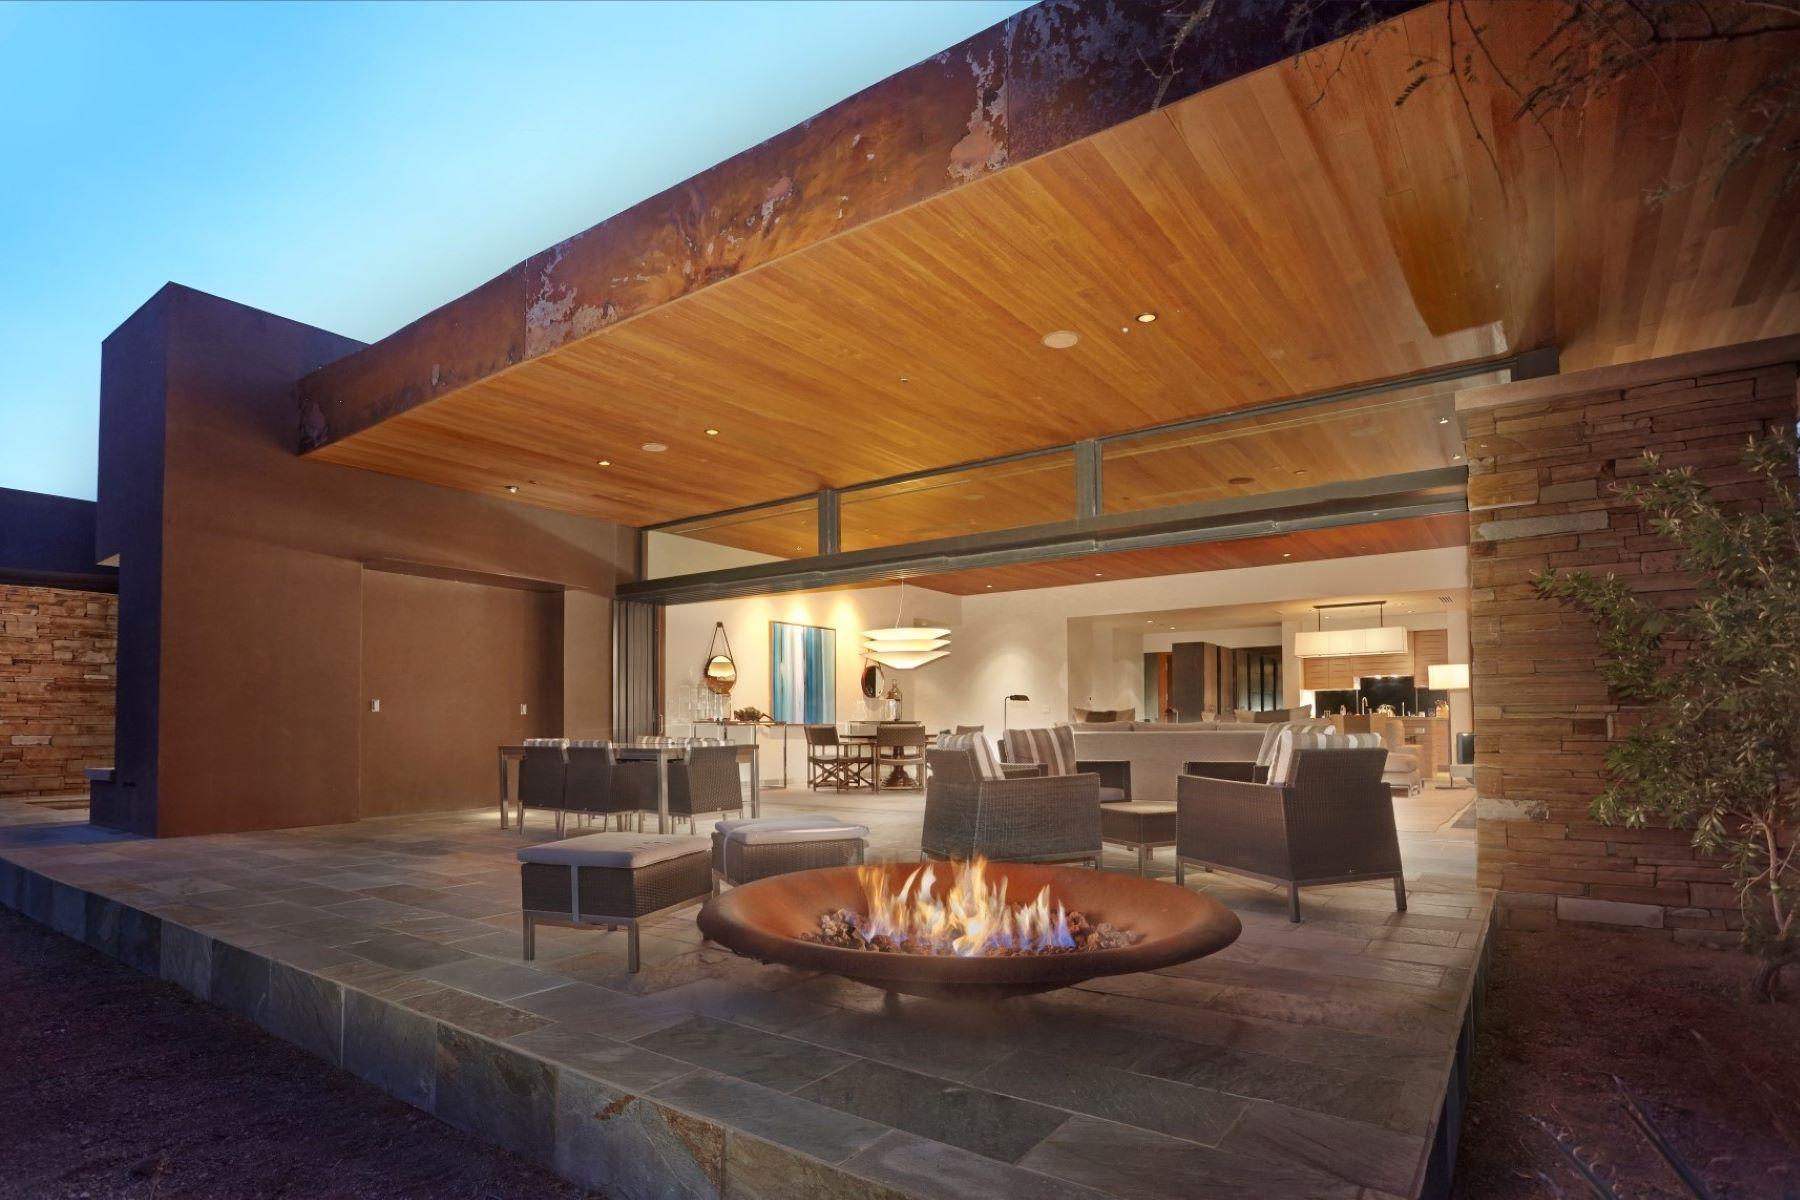 一戸建て のために 売買 アット Top Destination-Full Service Residential Experience 5000 E Via Estancia Miraval 9, Tucson, アリゾナ, 85739 アメリカ合衆国